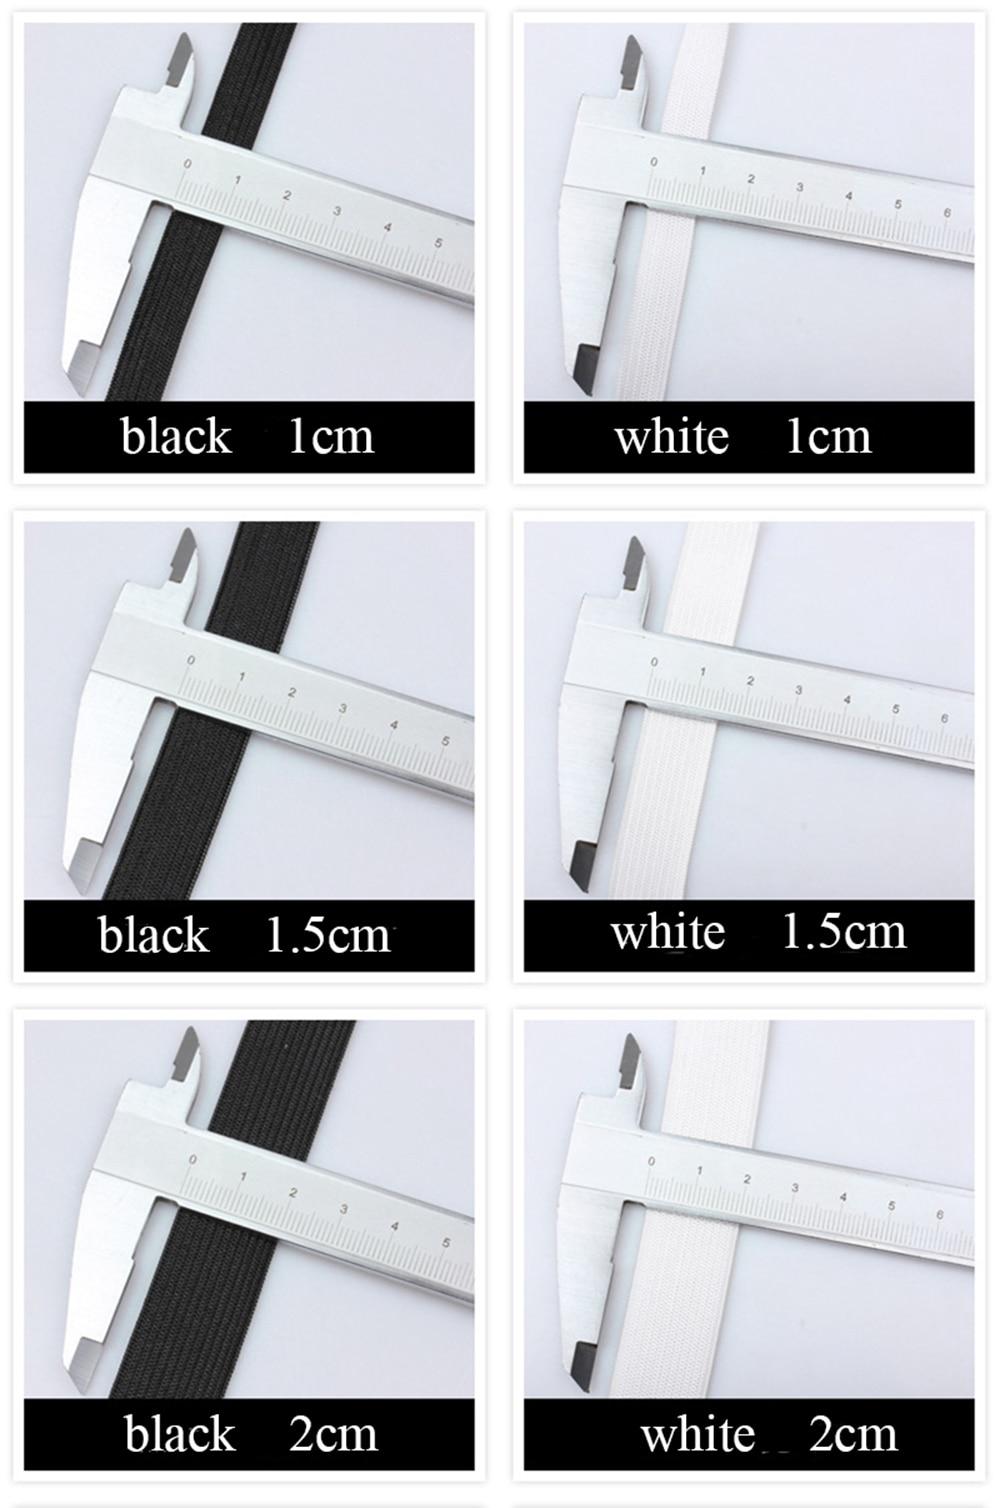 5 м/15/20/25/30/35/40/50/60 мм Эластичная лента аксессуары для пошива одежды нейлоновая эластичная резинка швейной черный, белый цвет